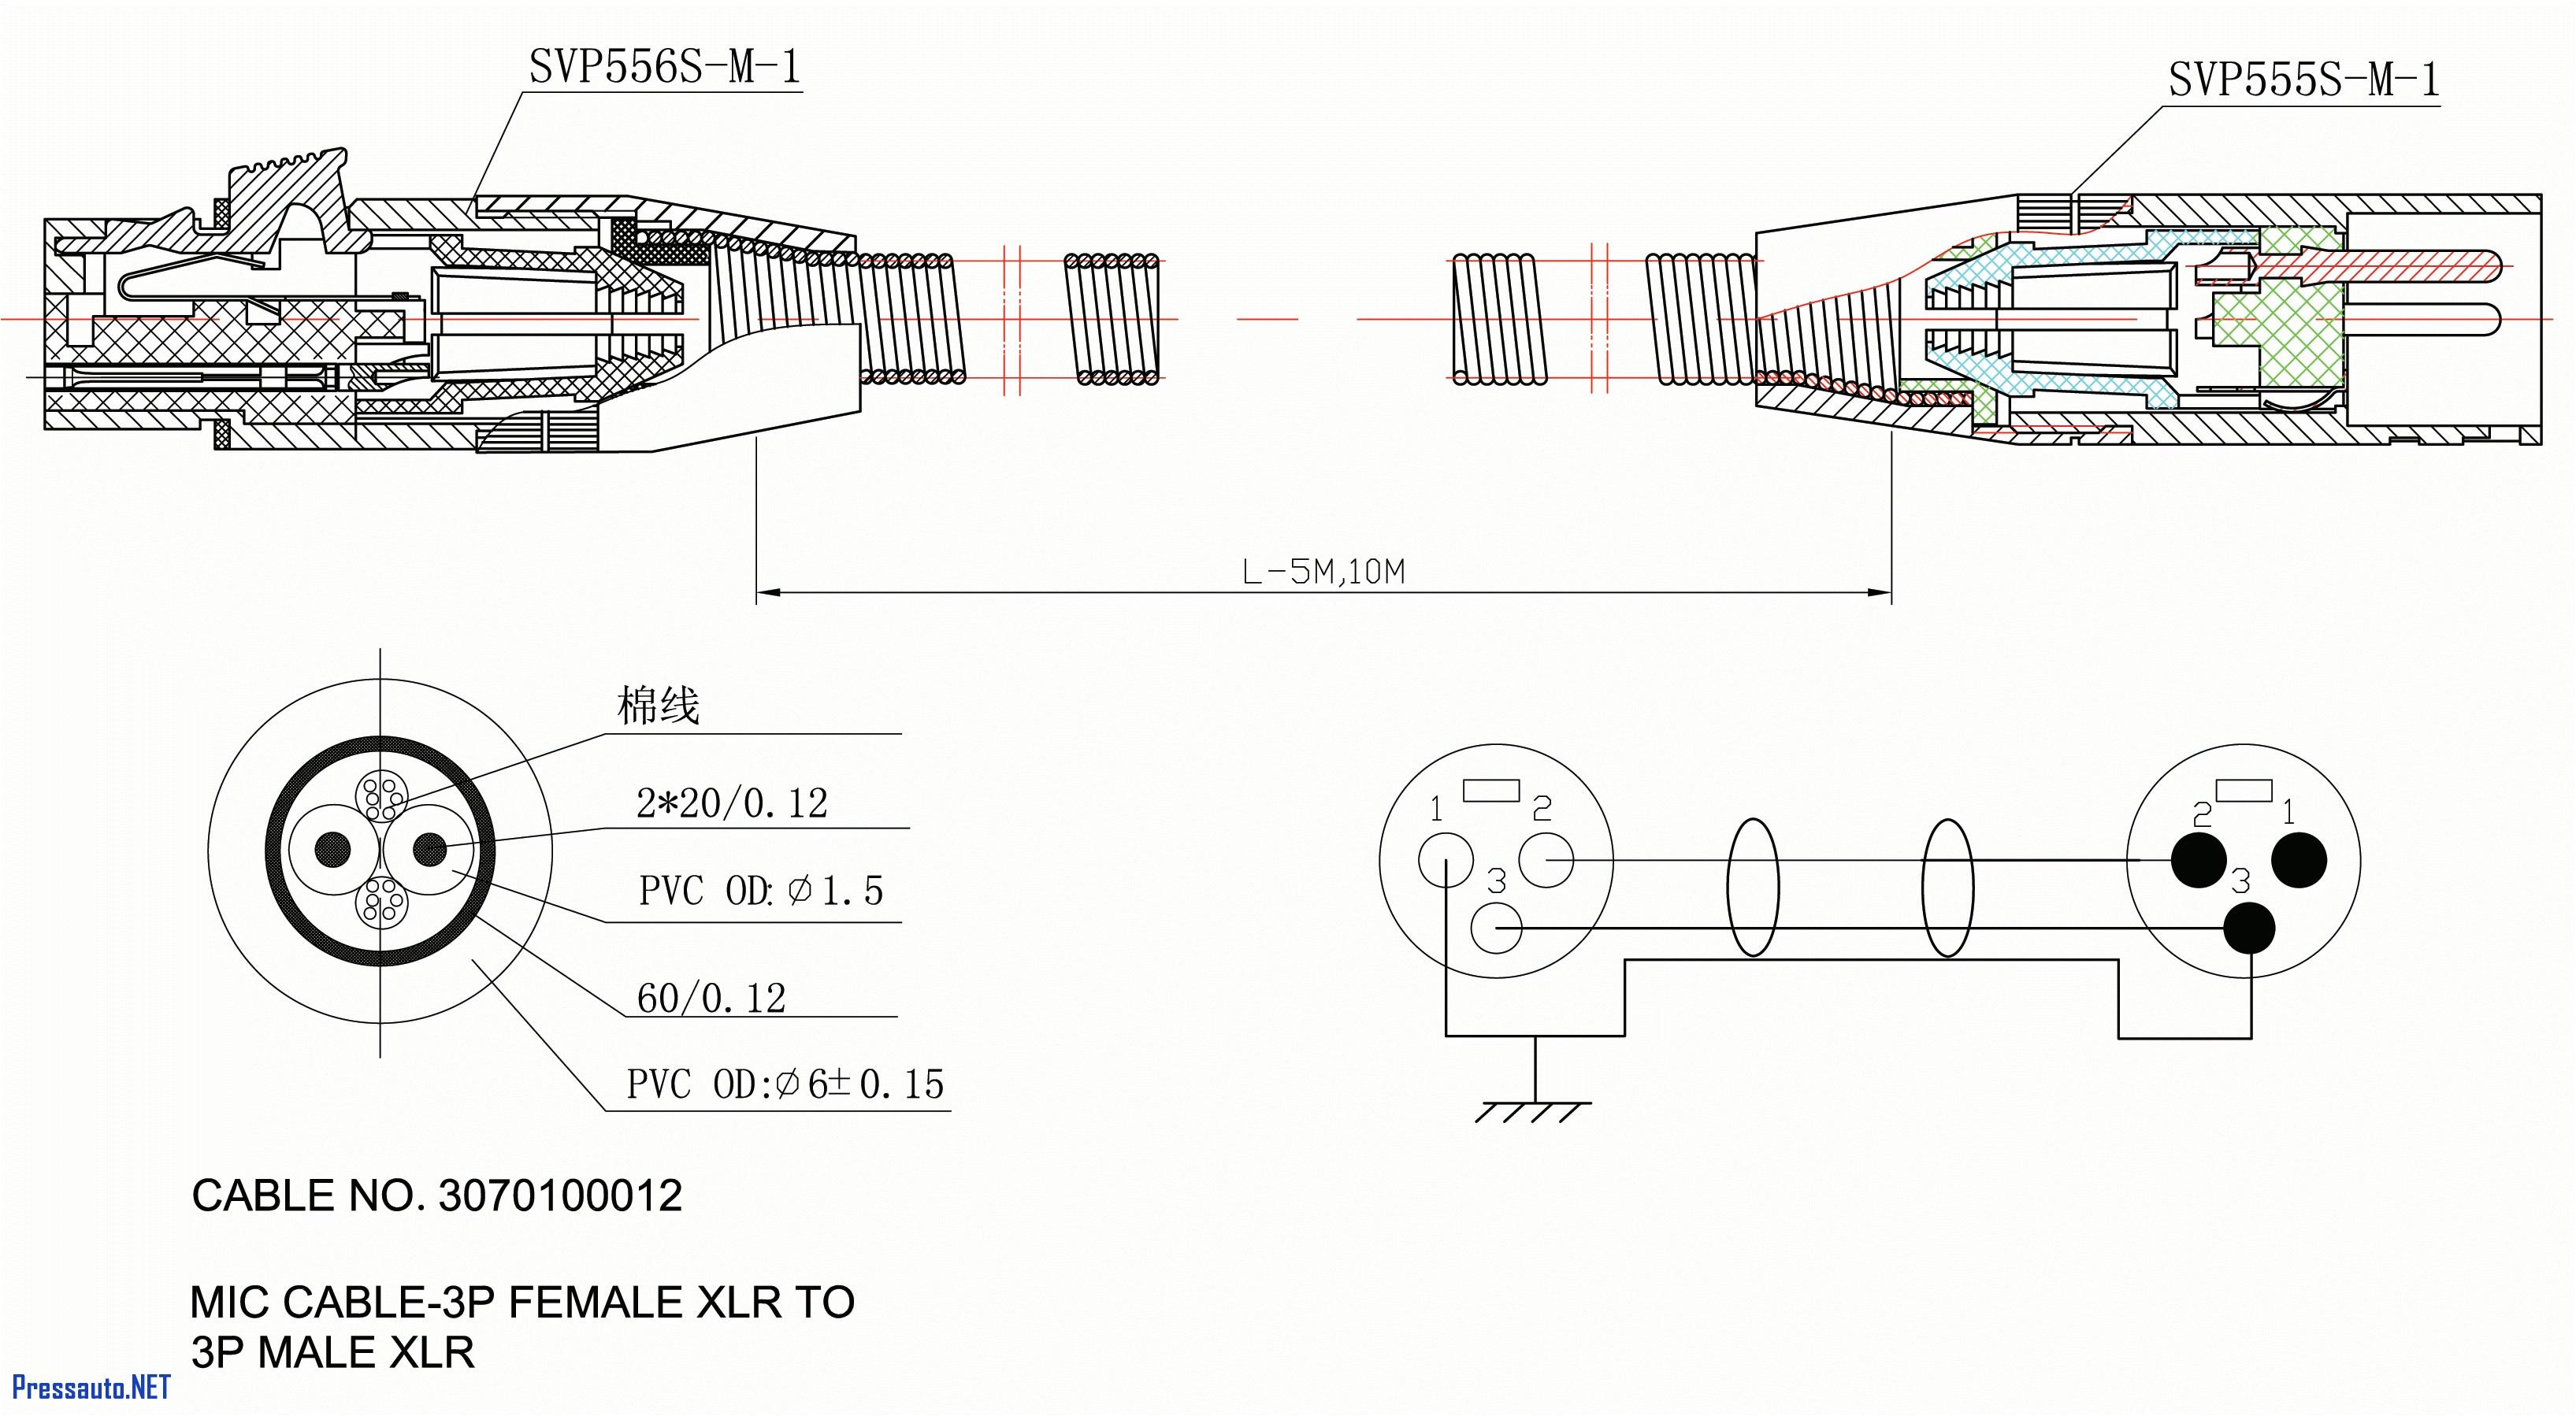 msd6aln wiring diagram new kenwood kdc mp345u wiring diagram simple bosch relay wiring diagram jpg